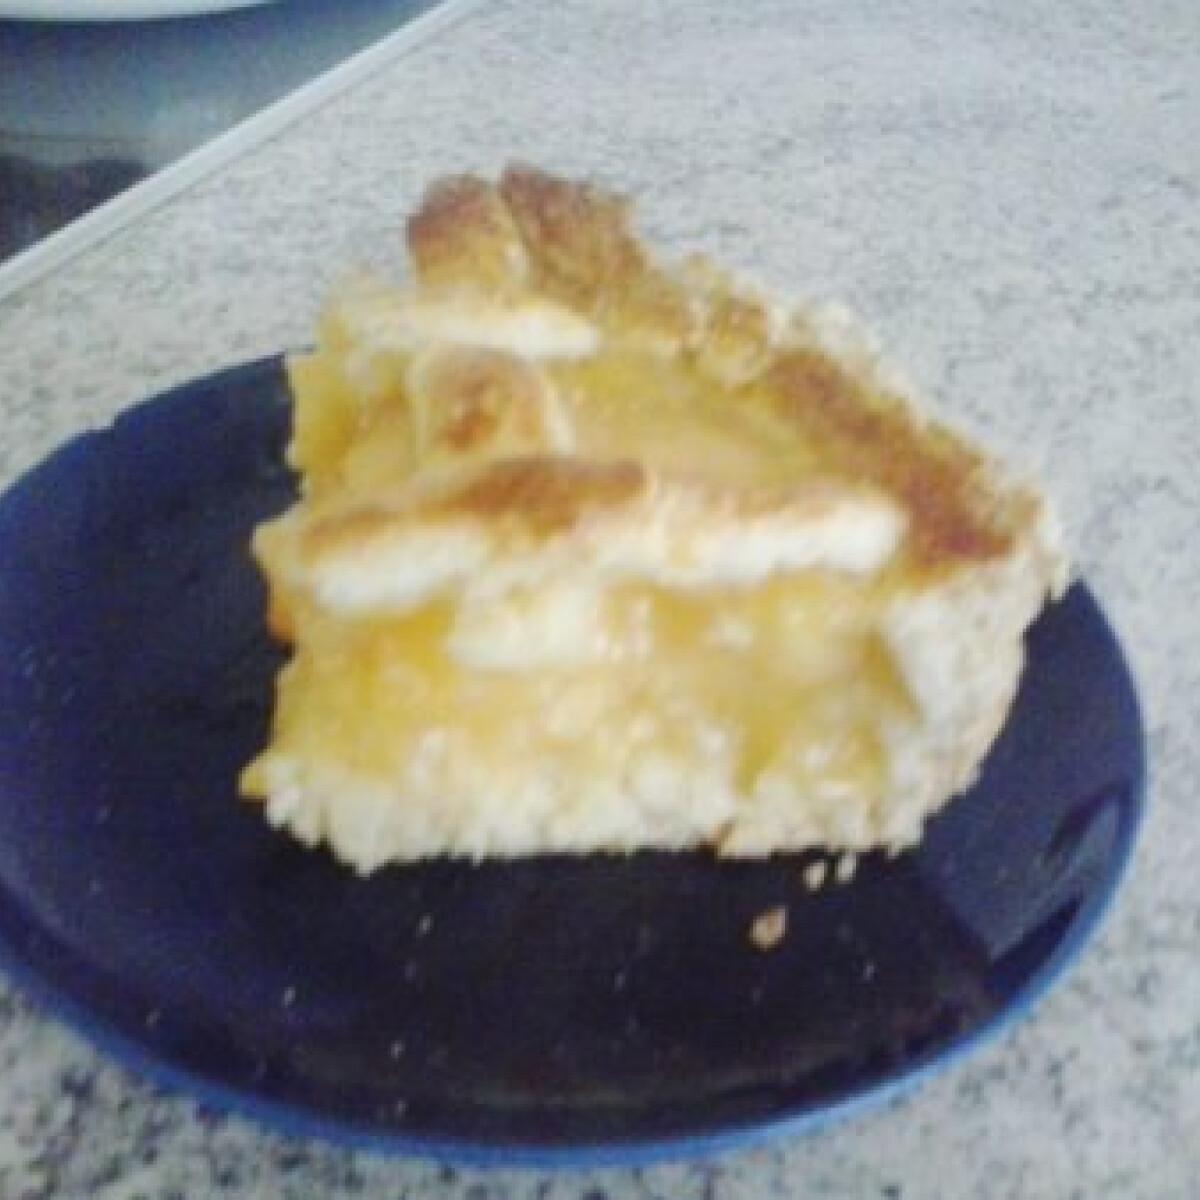 Ezen a képen: Birsalmás-sütőtökös pite